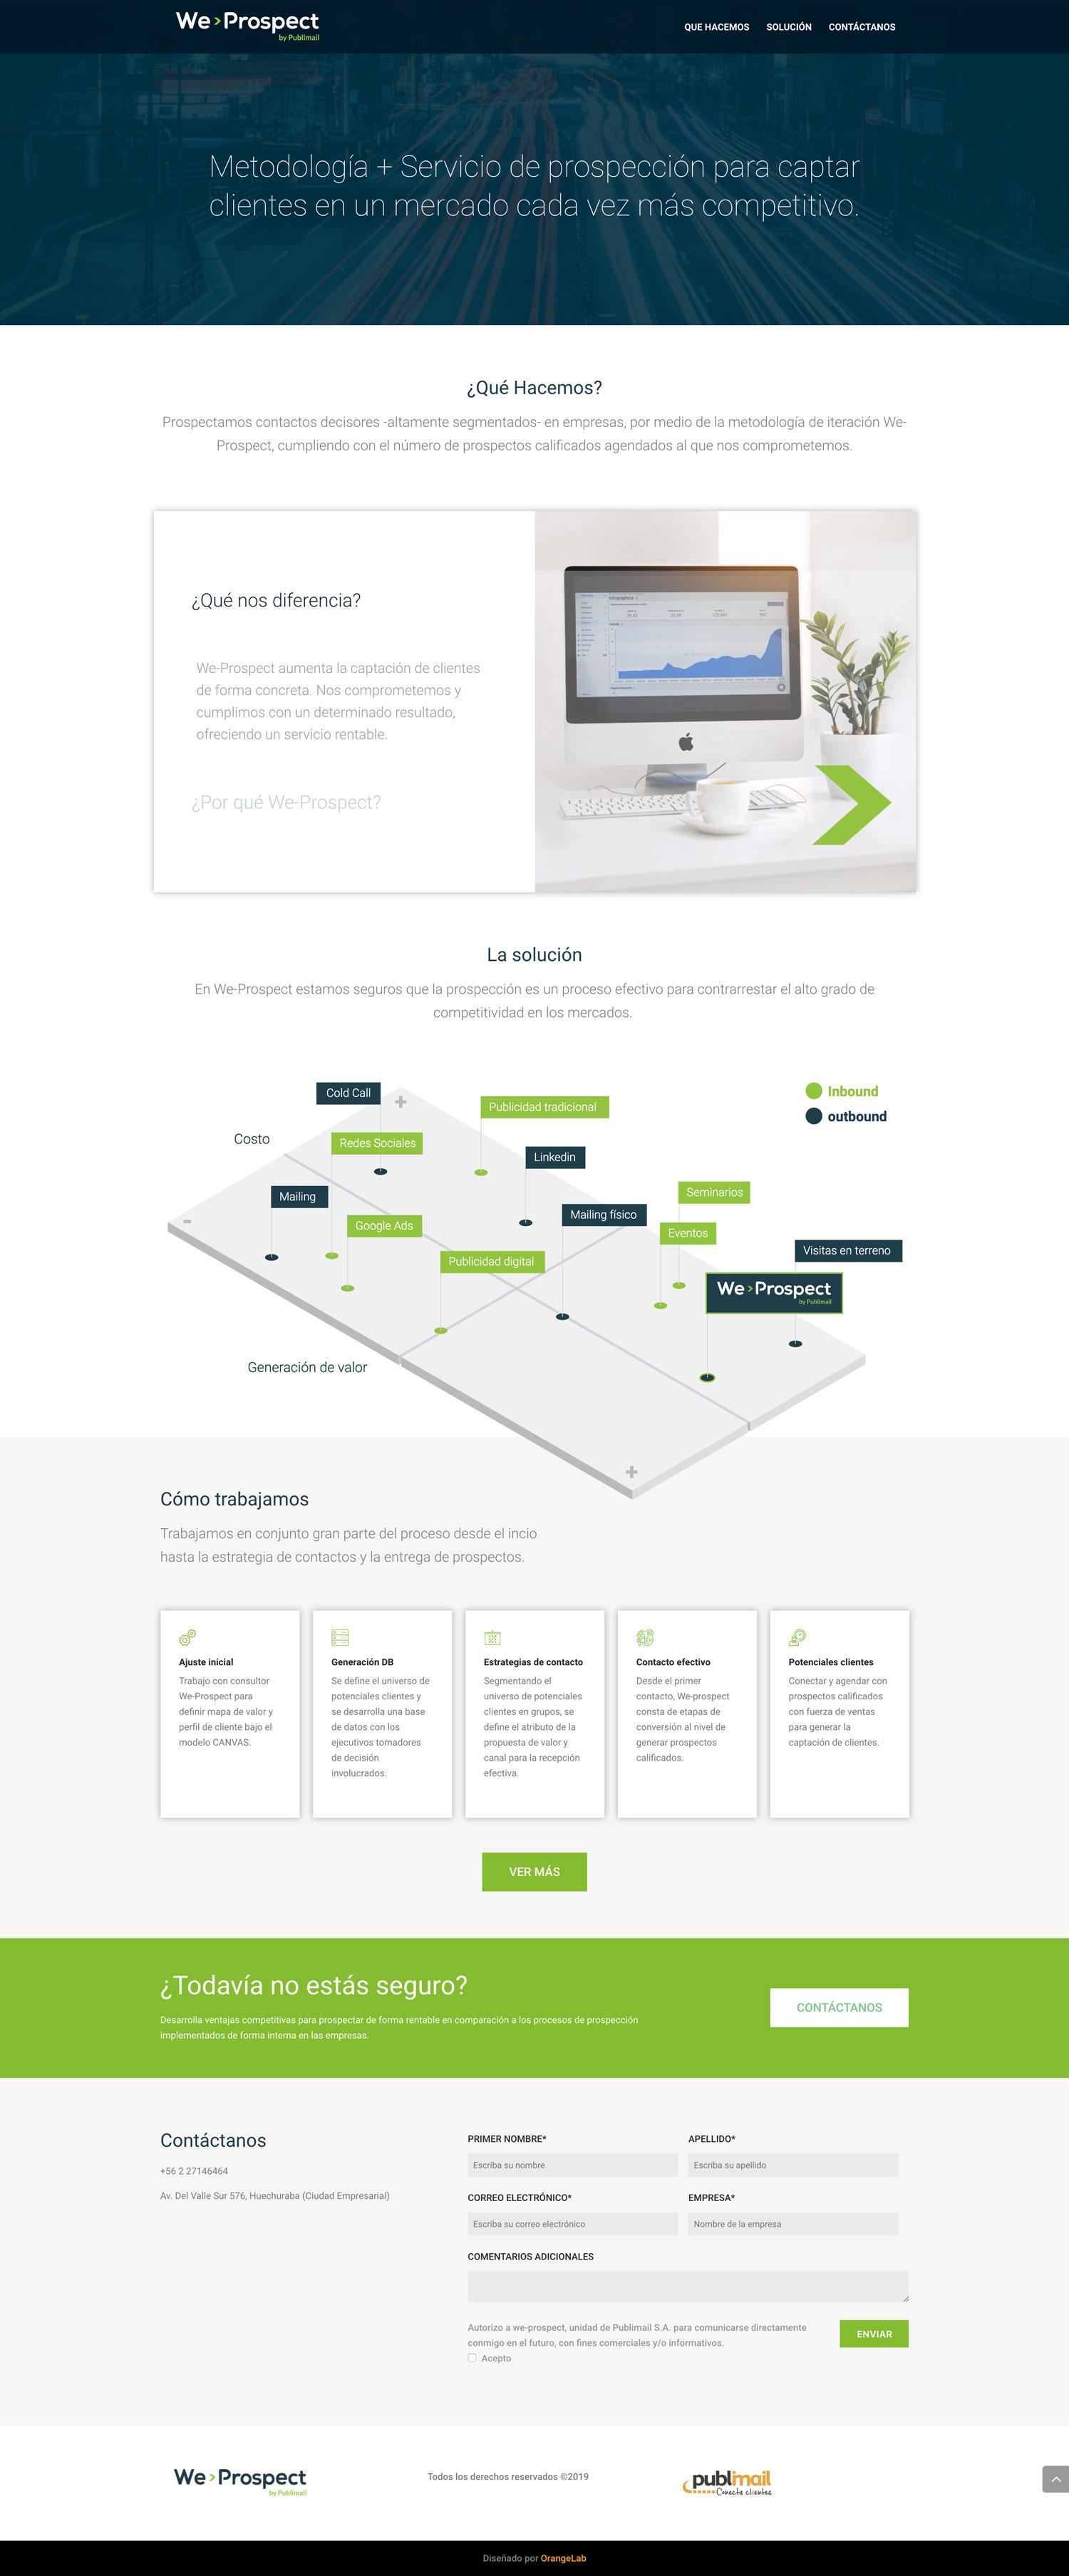 AwesomeScreenshot-We-Prospect-Metodolog-a-Servicio-de-prospecci-n-para-captar-clientes-en-un-mercado-cada-vez-m-s-competitivo-2019-07-29-14-07-73